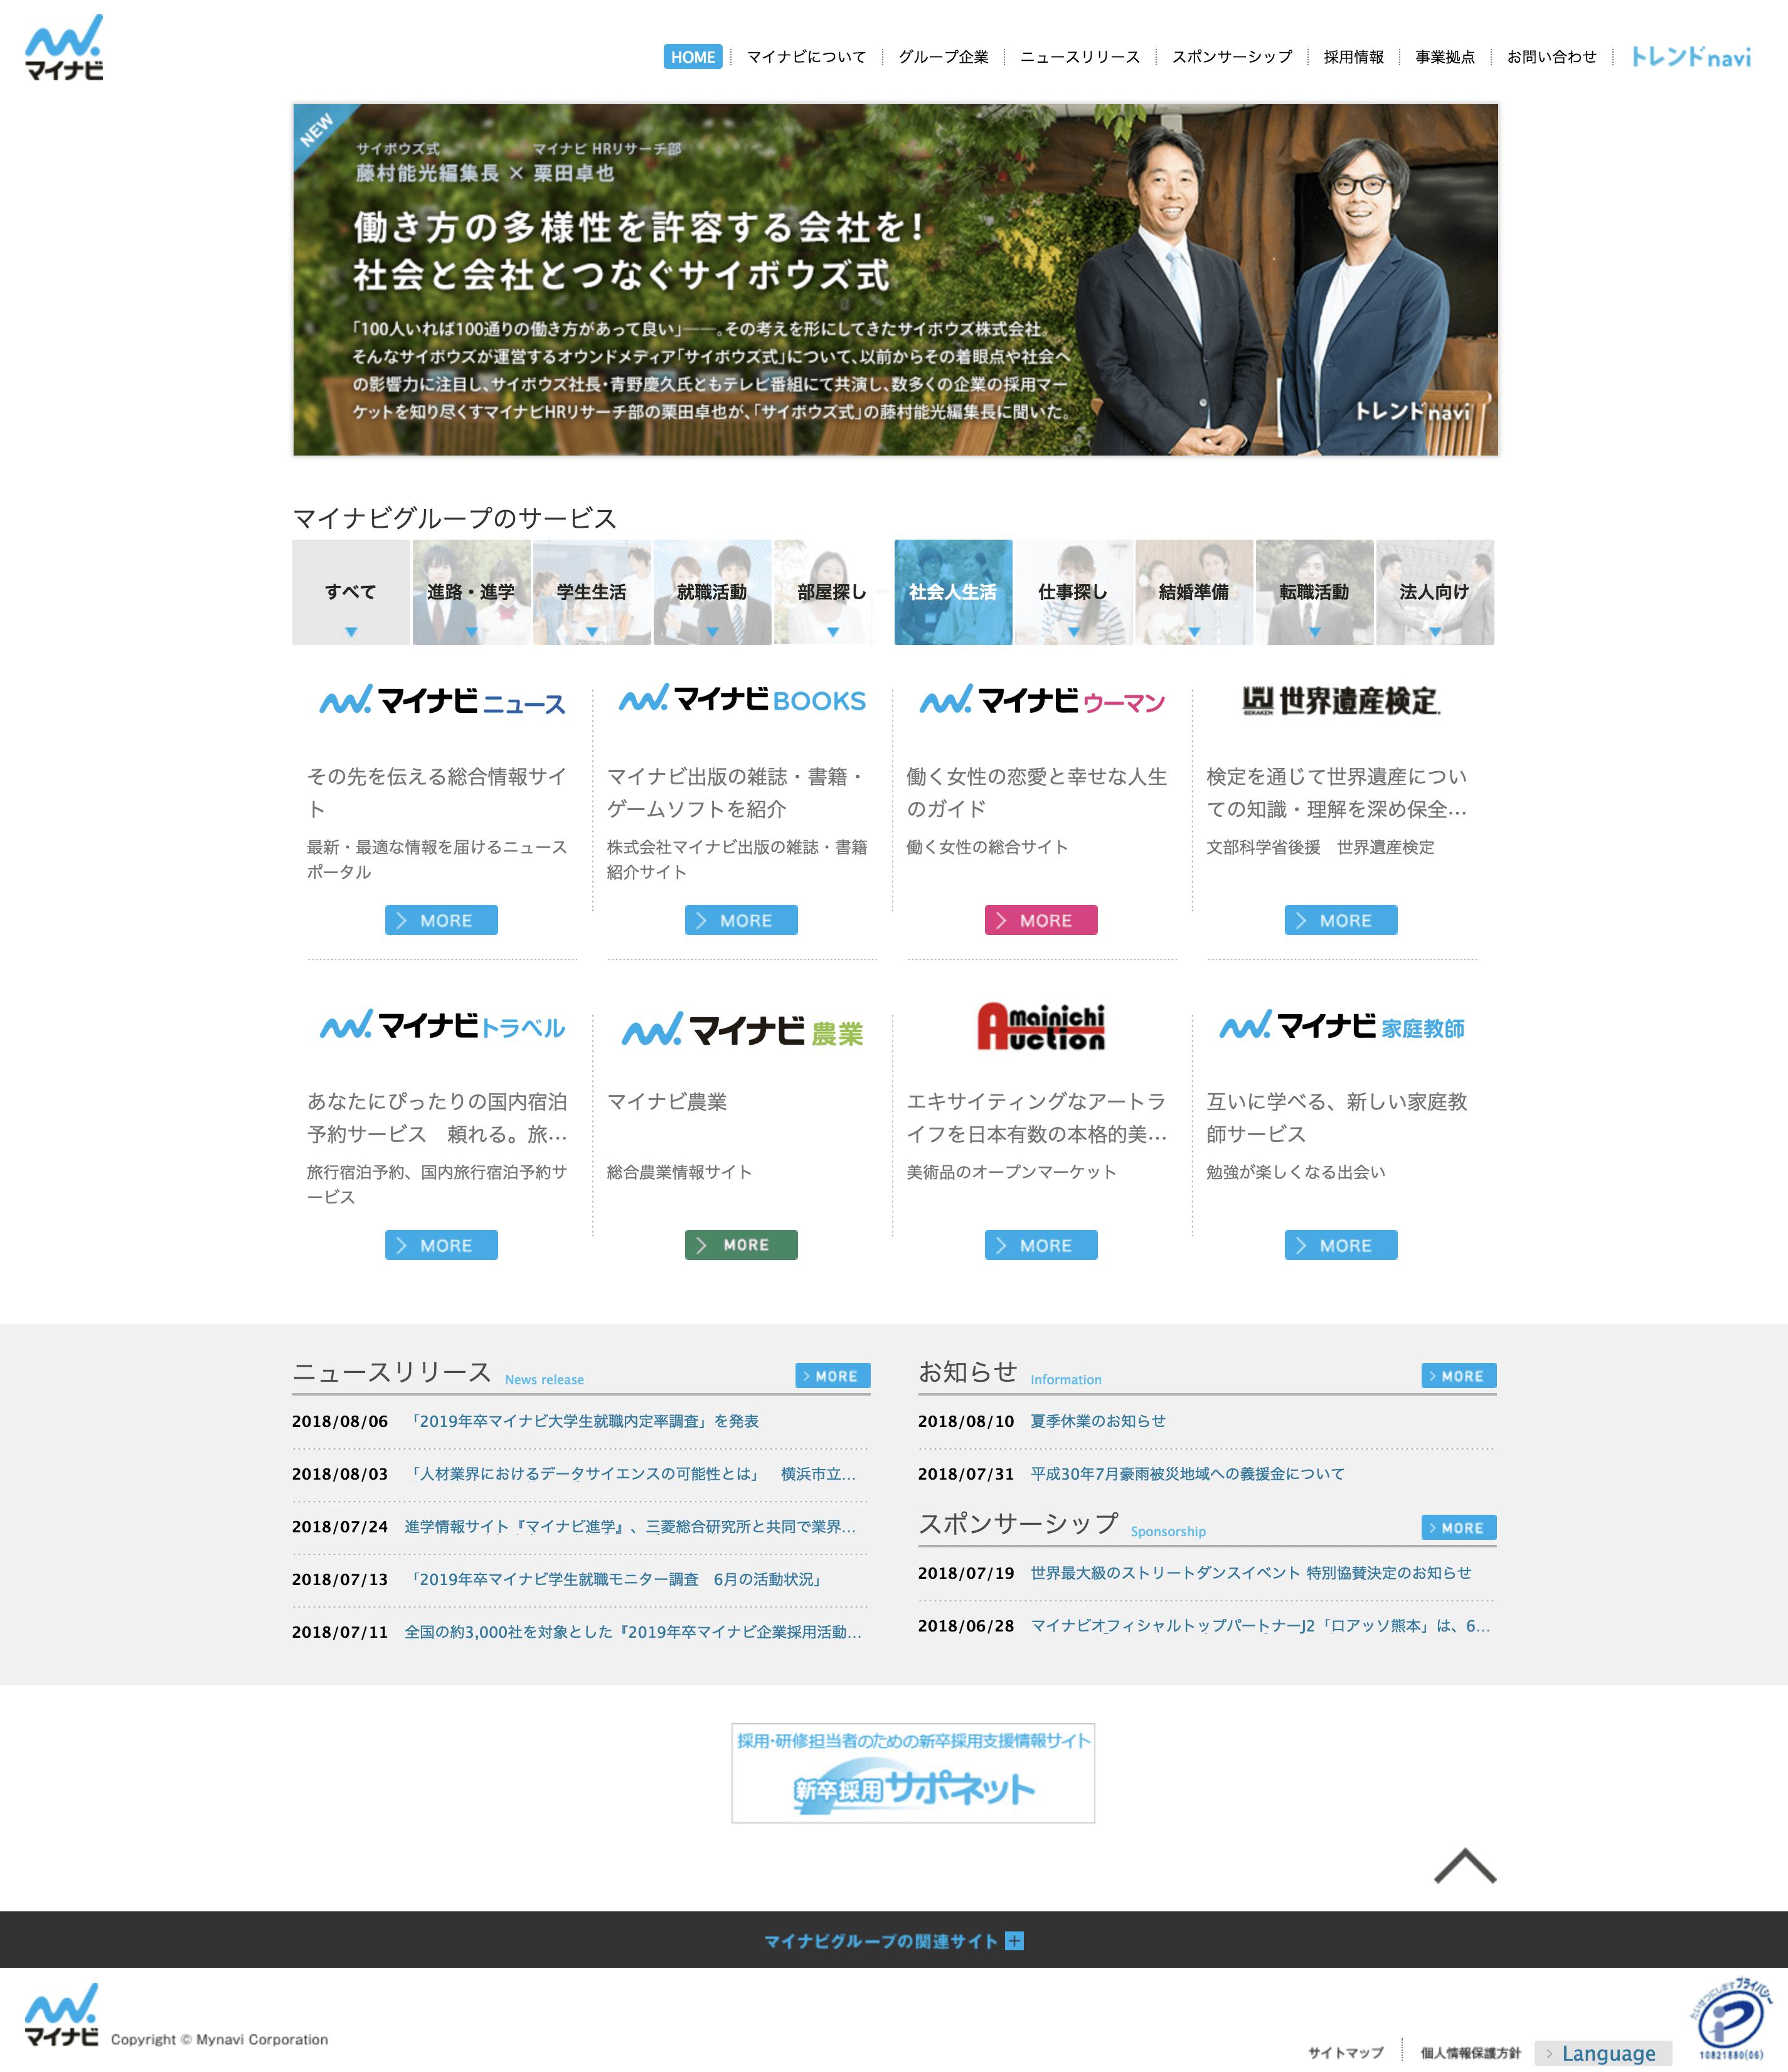 マイナビサイトのスクリーンショット